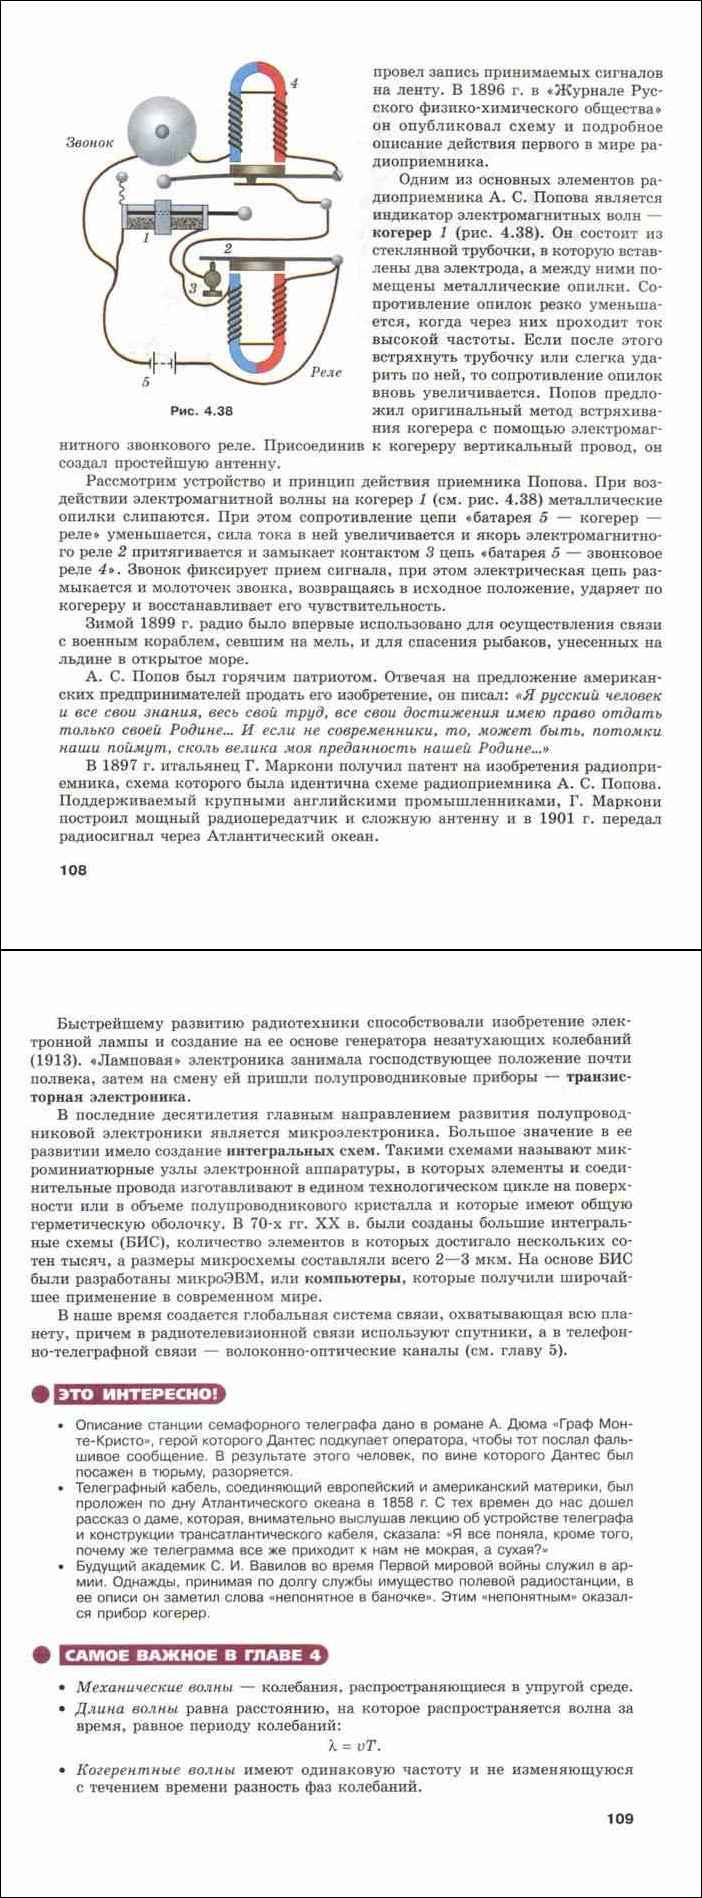 кредит онлайн на карту без отказа без проверки мгновенно украина с плохой кредитной историей